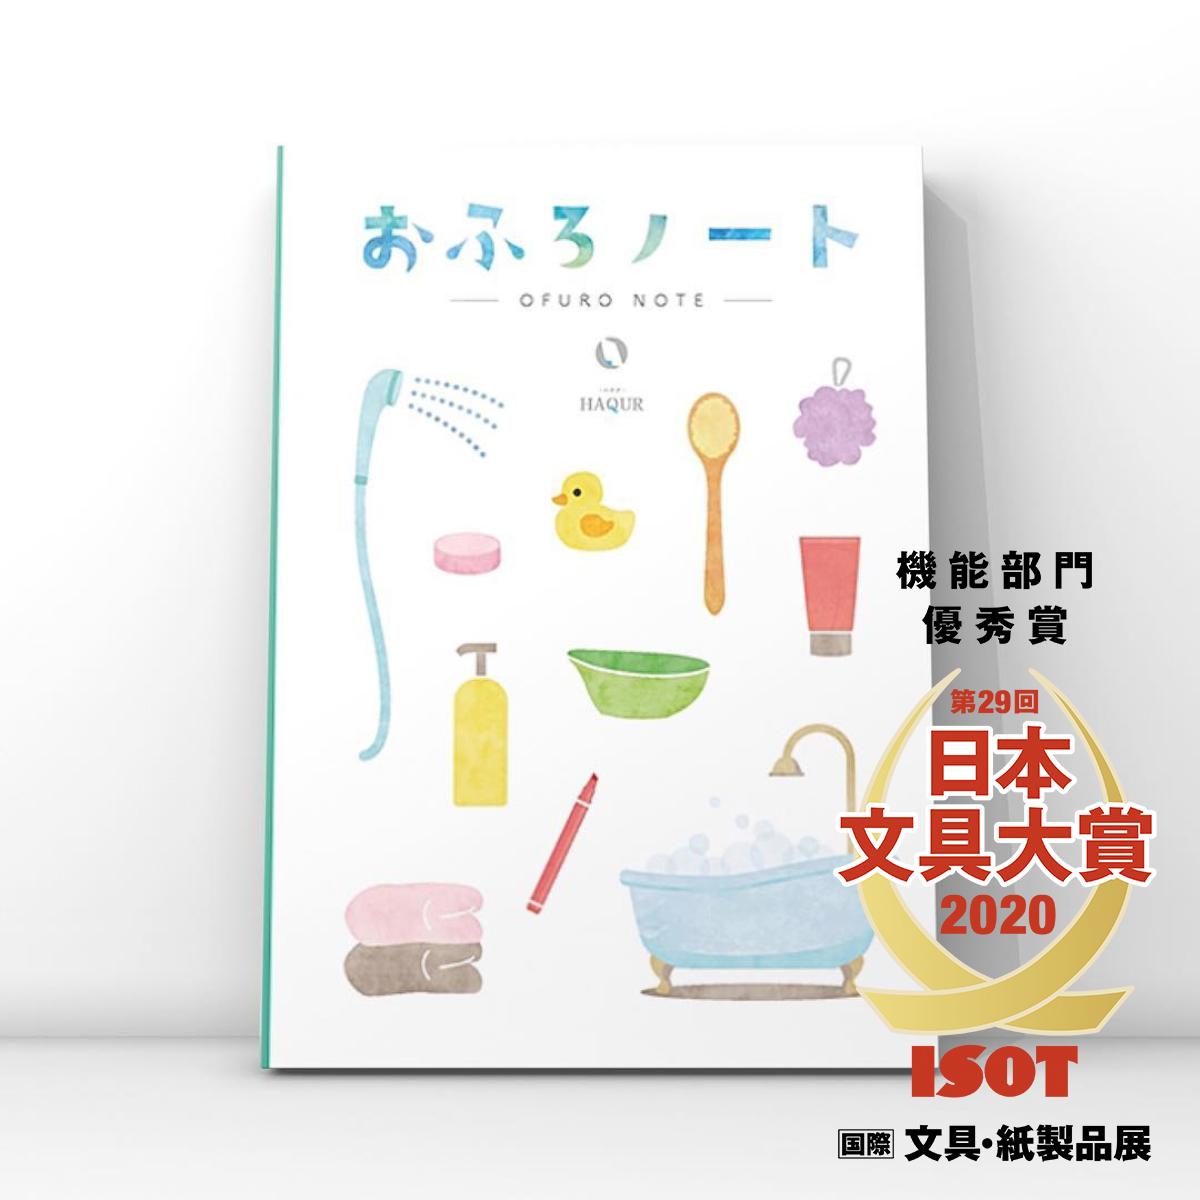 「おふろノート」が第29回 日本文具大賞 優秀賞に選ばれました!